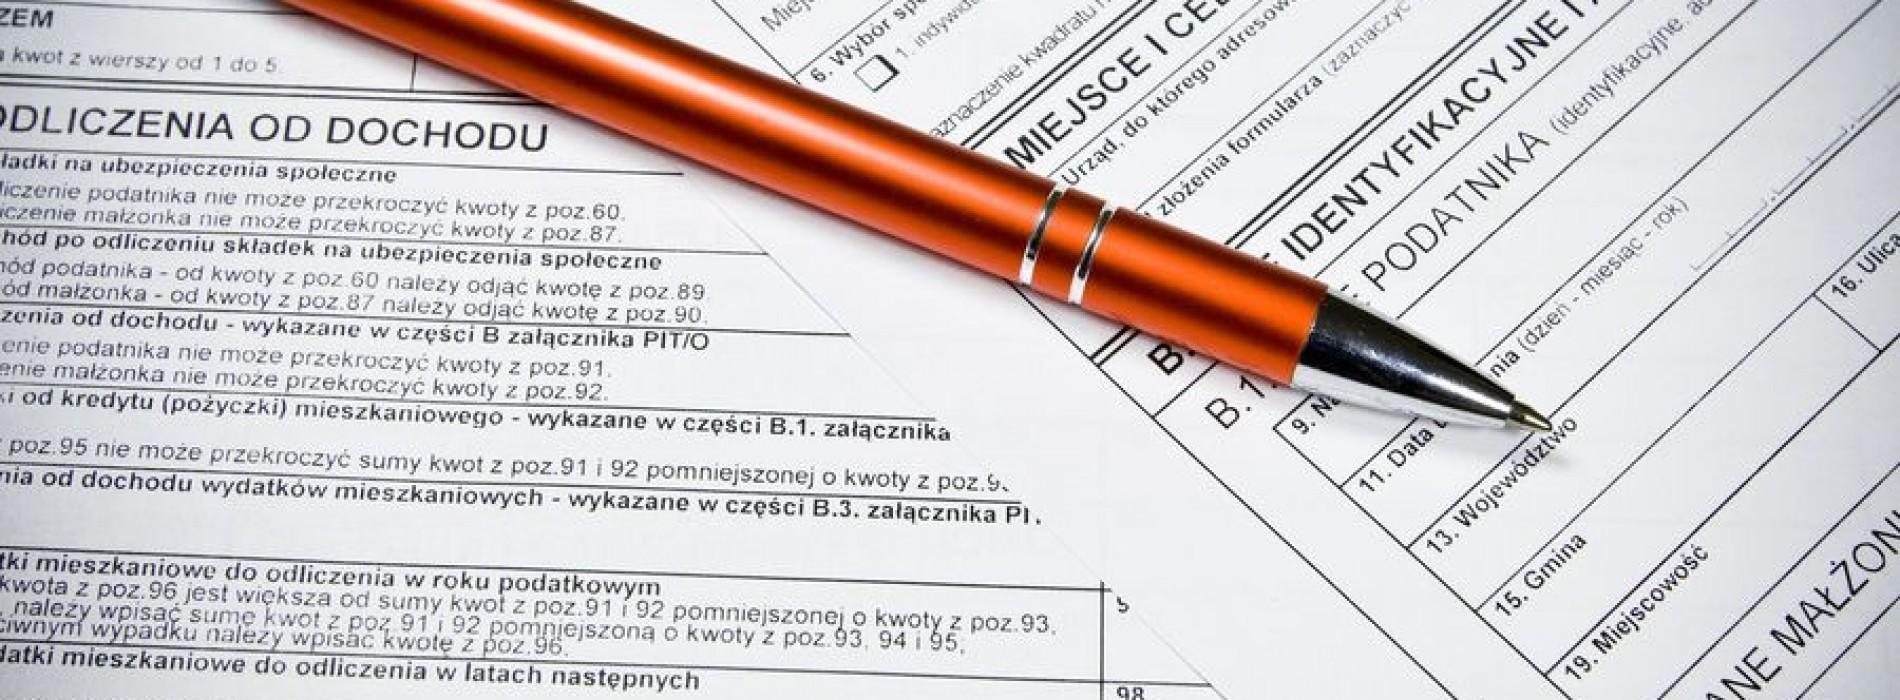 Korekta zeznania podatkowego